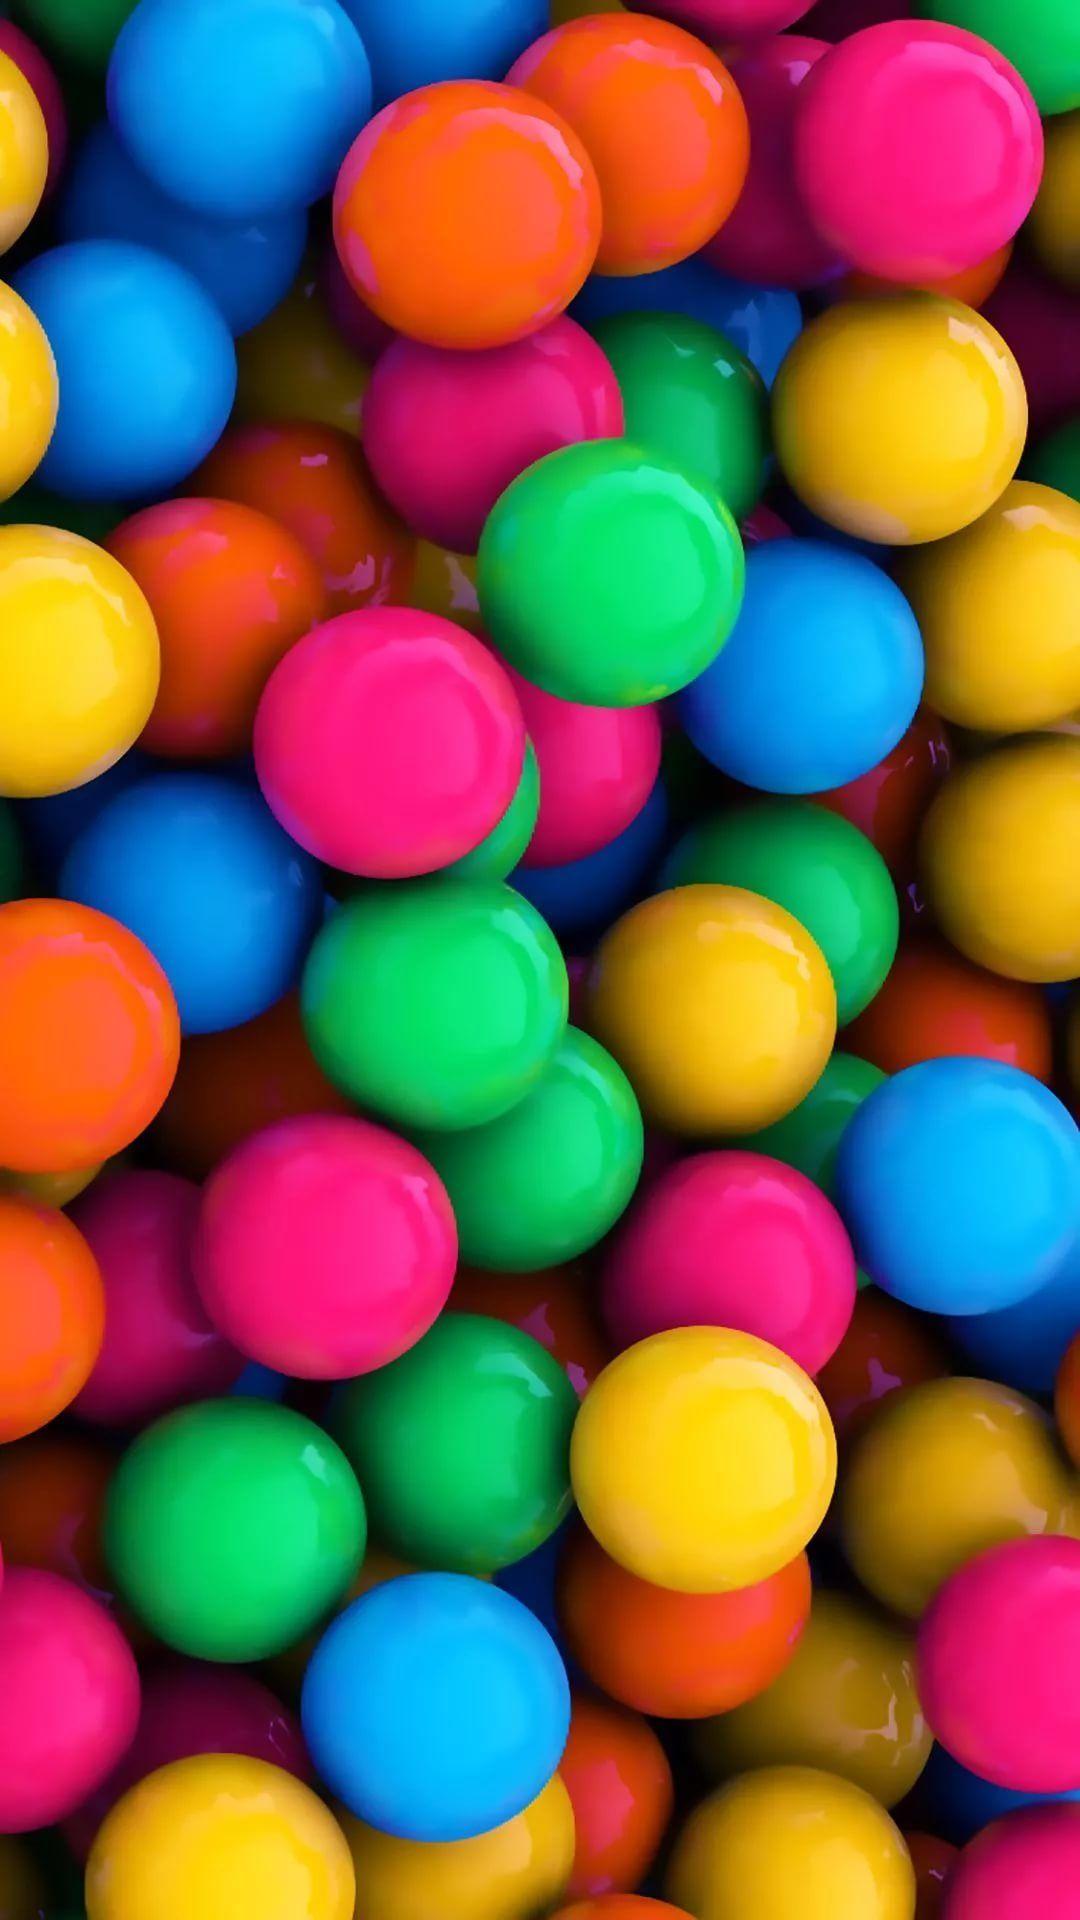 Candy hd wallpaper